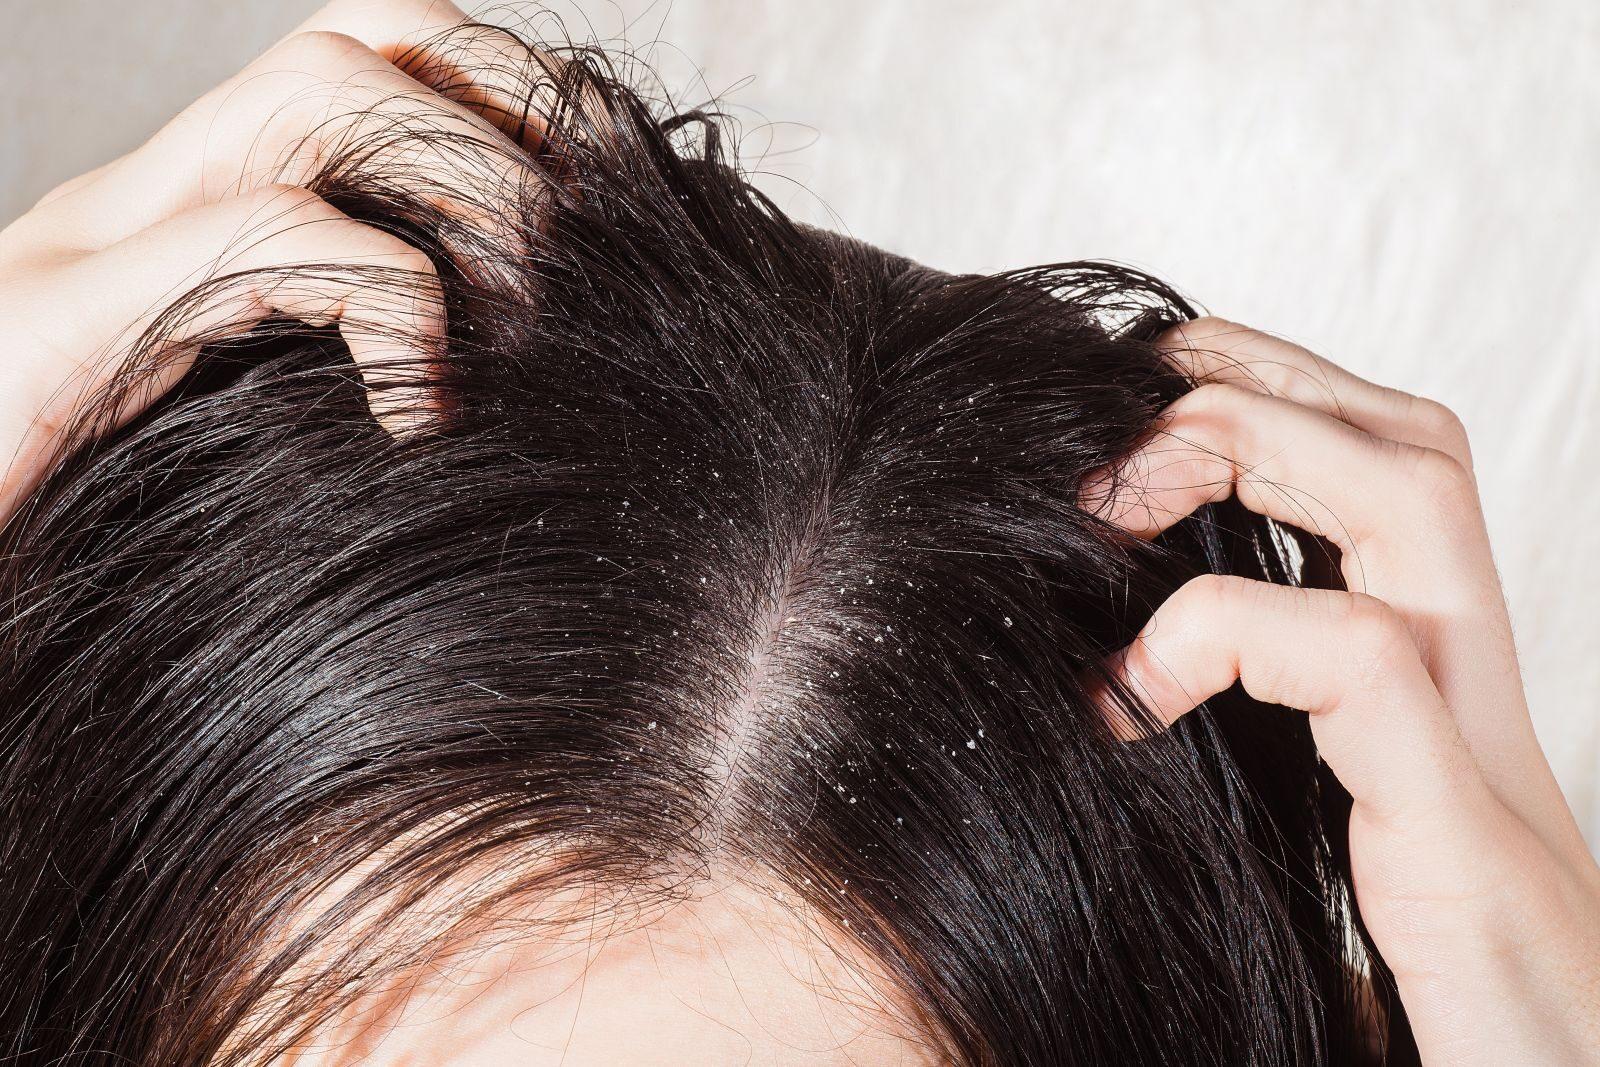 Házi szerek viszkető fejbőrre